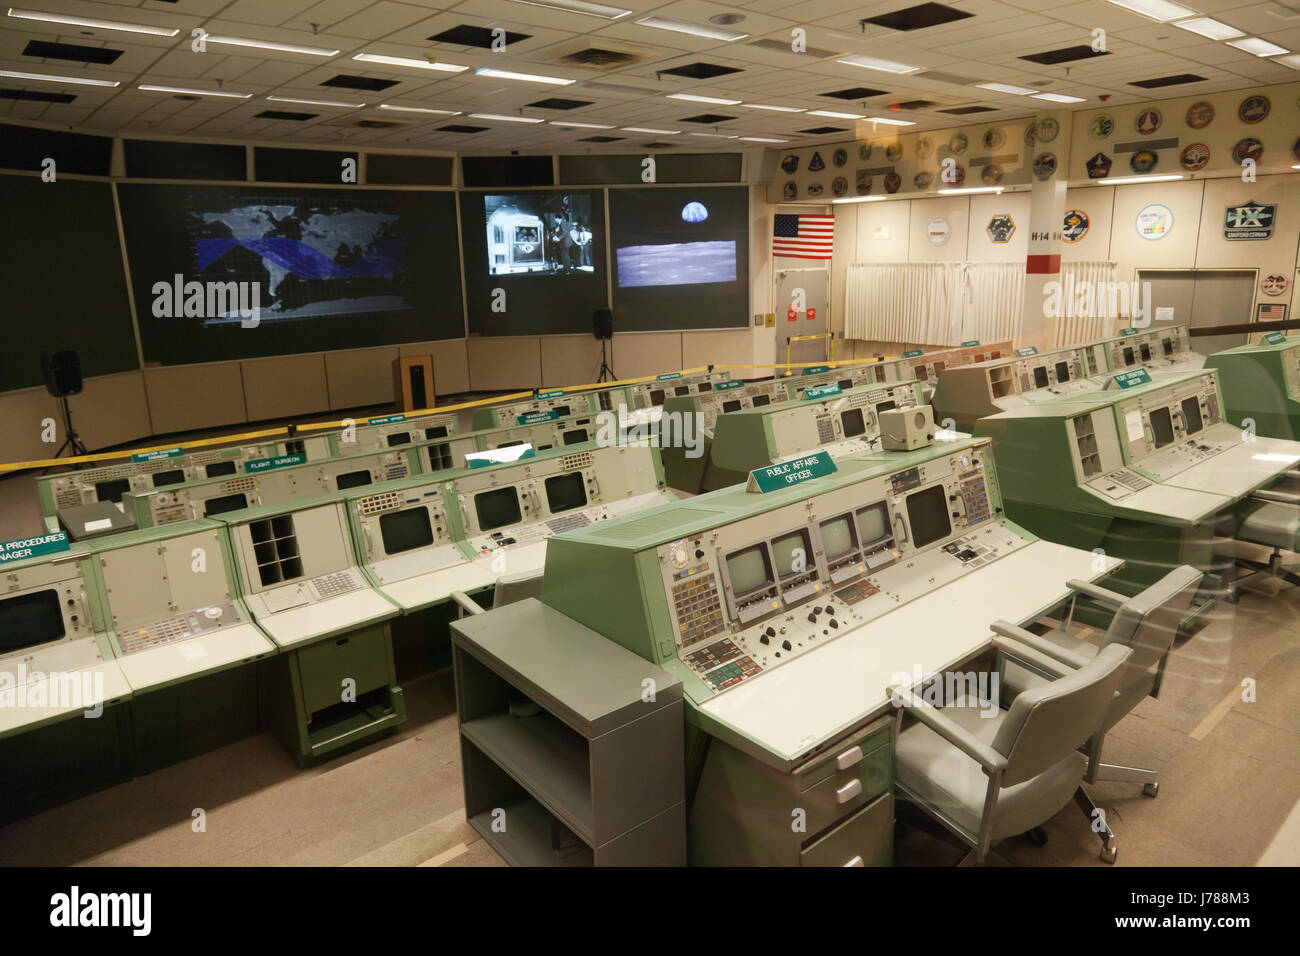 johnson space center apollo 13 - photo #14